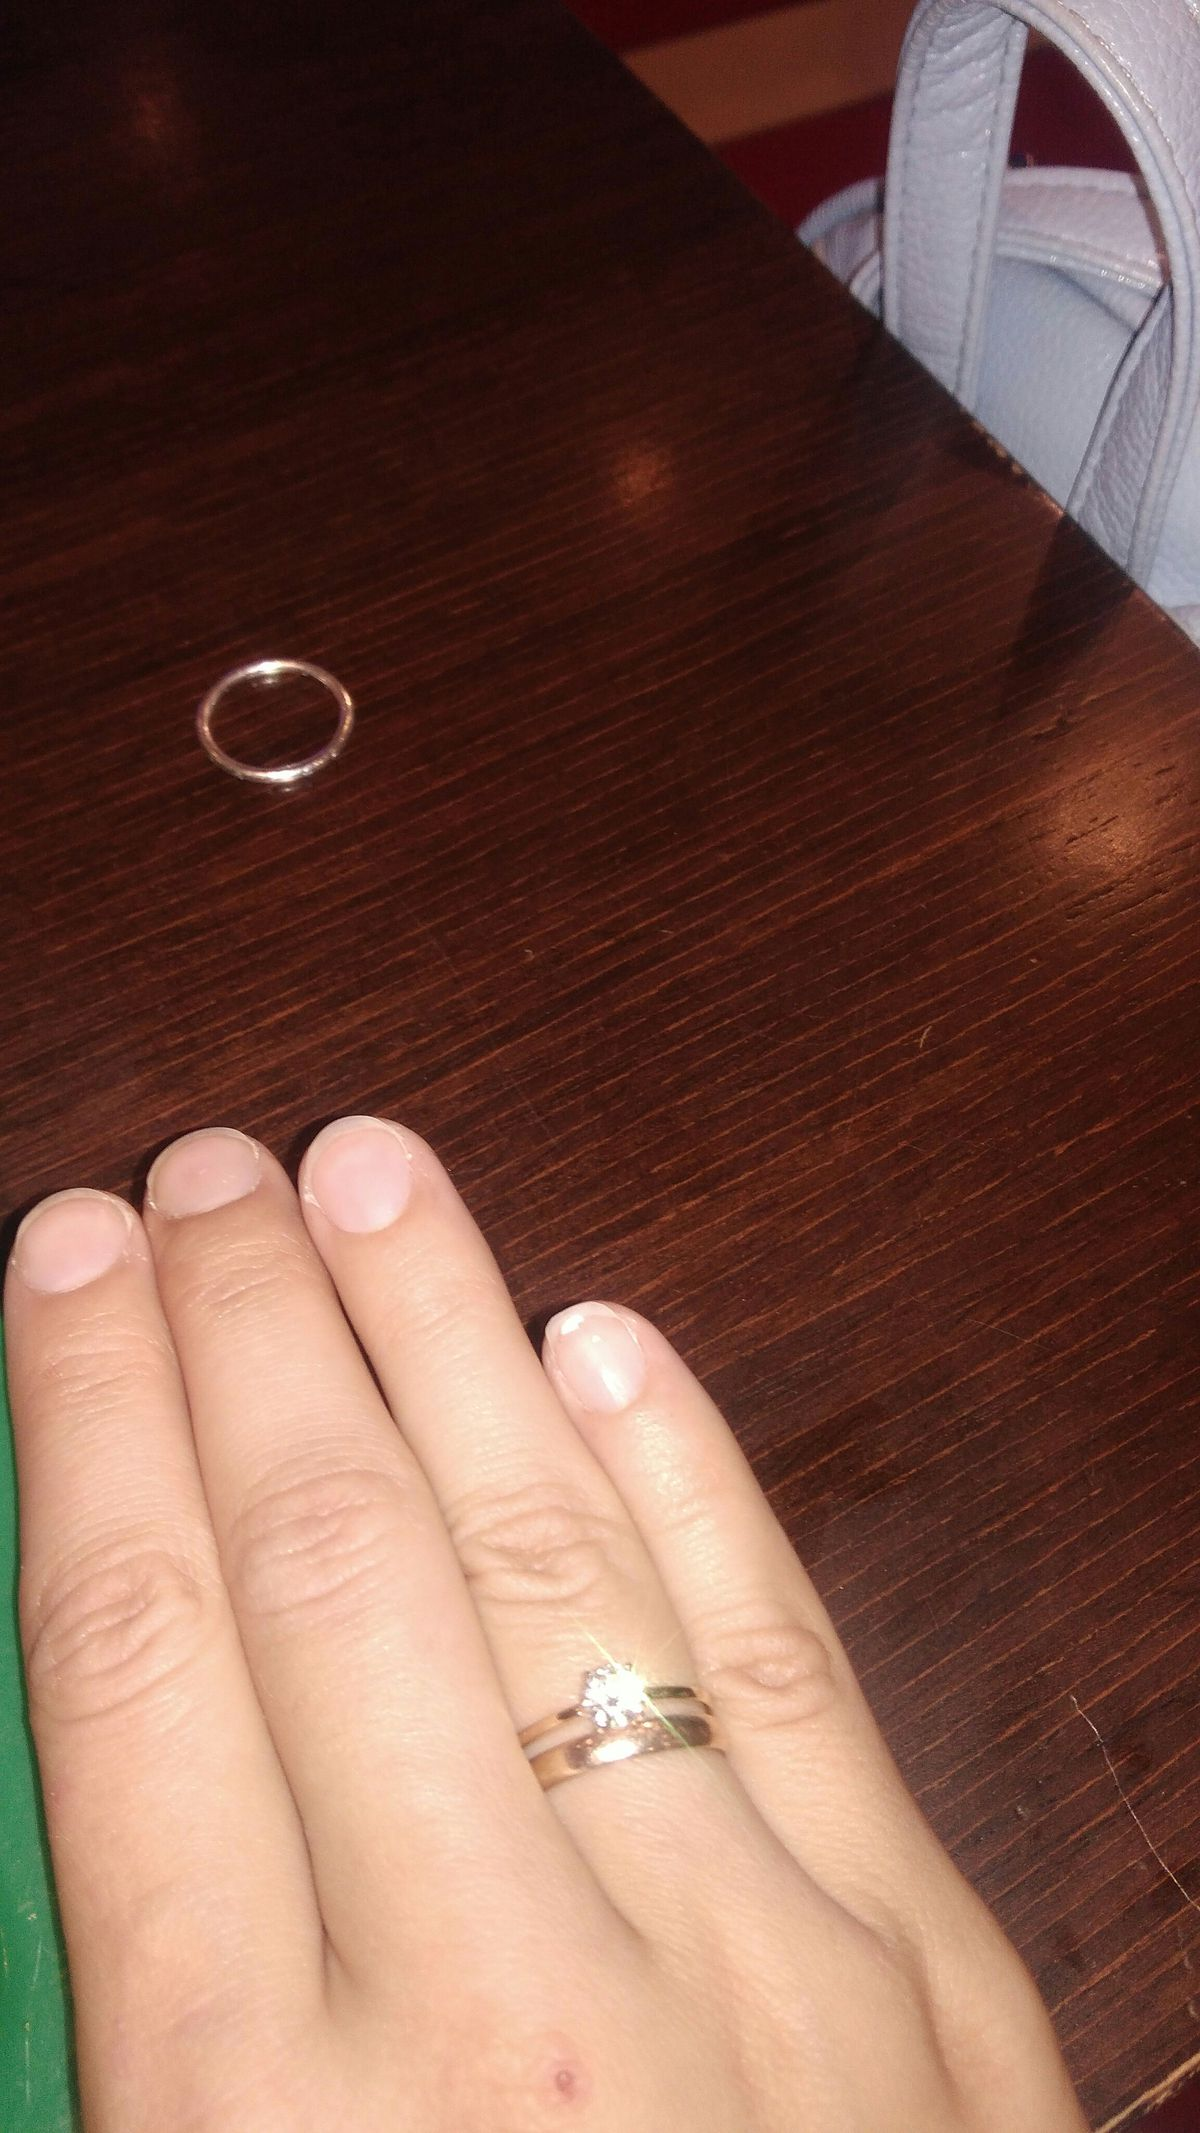 Отличное кольцо!!! Очень красиво и изящно  смотрится на руке!